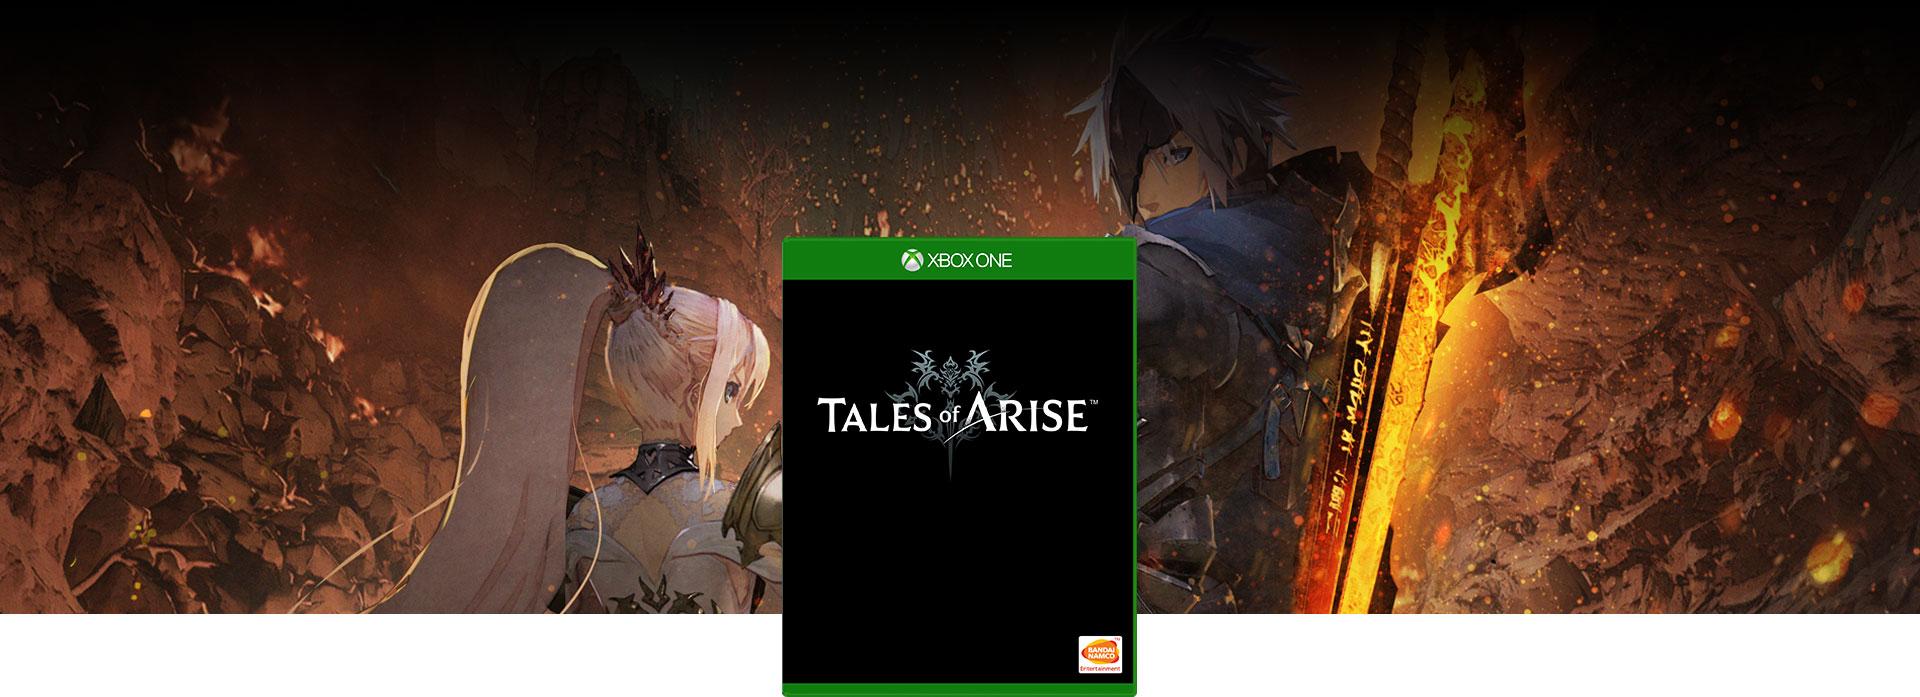 Tales of Arise 박스샷, 여성과 주황색으로 빛나는 칼 하나와 다른 칼을 등에 찬 남성 캐릭터